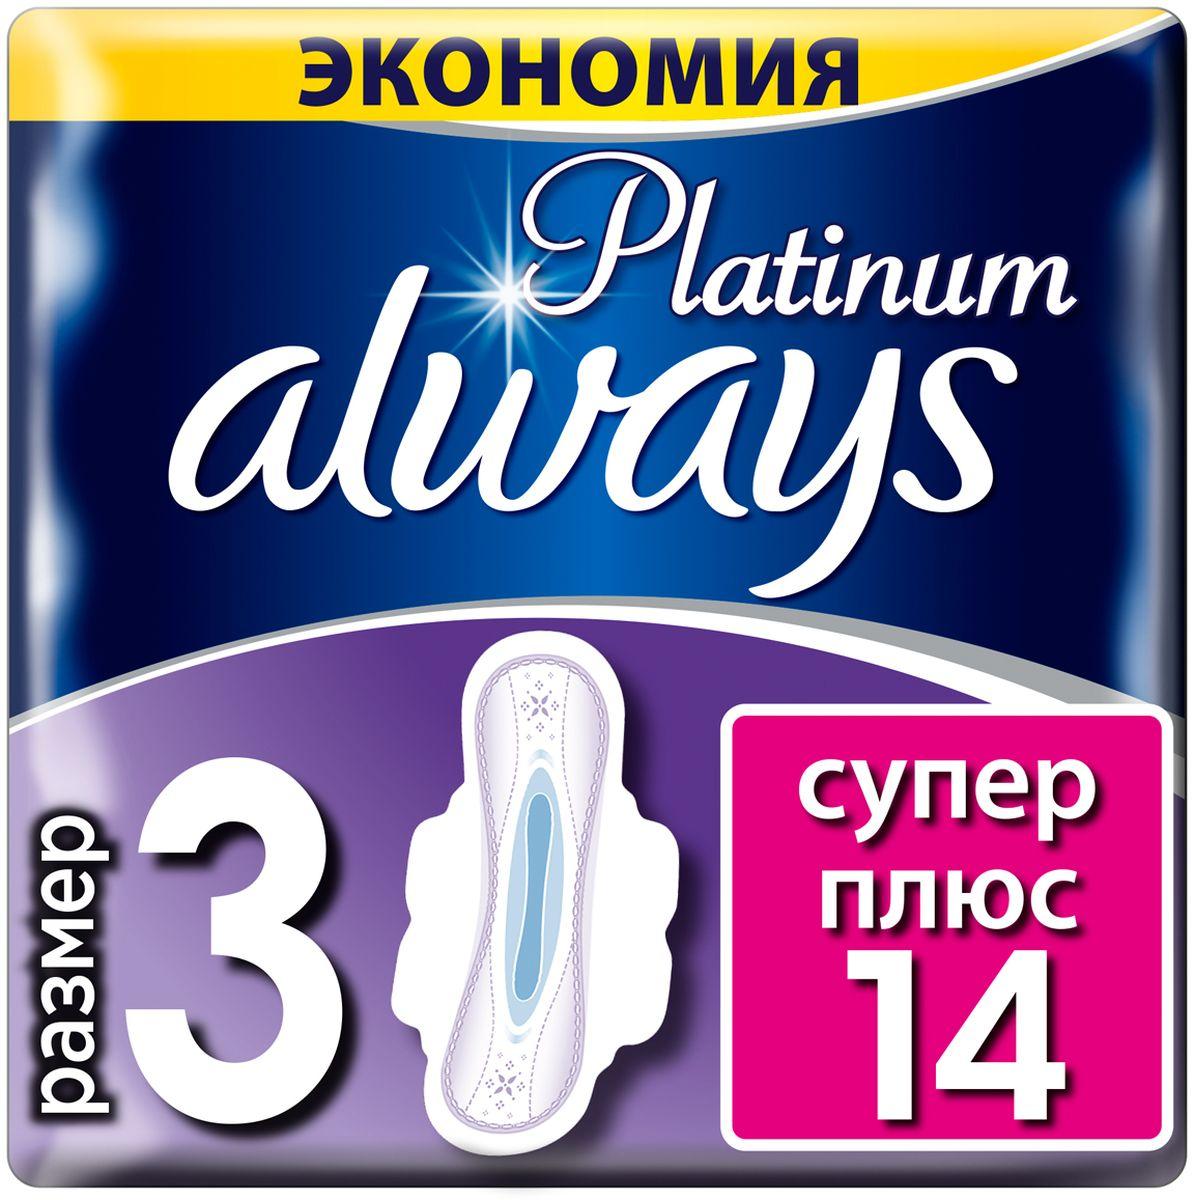 Always Platinum Женские гигиенические прокладки Ultra Long Plus, 14шт8001090430663Гигиенические прокладки Always Platinum Long Plus (размер3) обеспечивают повышенный комфорт и усиленную защиту (по сравнению с Always Ultra). Гигиенические прокладки Always Platinum с 1000 мягких микроподушечек, действующих подобно боковым барьерам, и усовершенствованным центральным слоем обеспечивают лучшую защиту и комфорт от Always. А благодаря технологии нейтрализации запаха эти прокладки запирают неприятный запах, а не маскируют его. Гигиенические прокладки Always Platinum толщиной всего 3мм дарят невероятное ощущение защиты и комфорта во время менструации. Больше не нужно идти на компромисс. Always Platinum дарят оптимальное сочетание защиты и комфорта. Попробуйте Always Platinum Ultra Night (размер4)- лучшие гигиенические прокладки Always Platinum для защиты в ночное время.